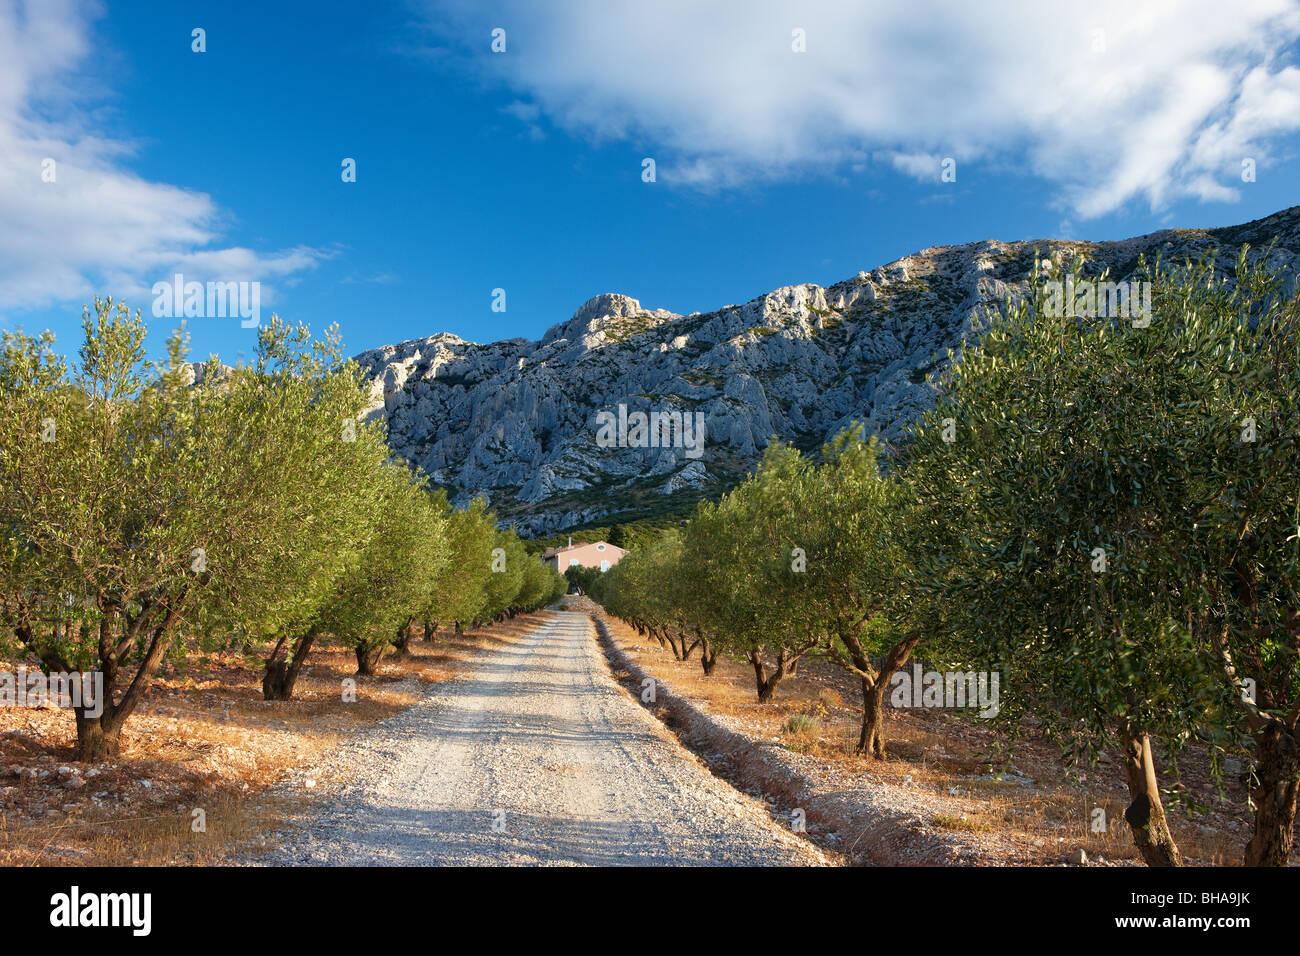 Un viale fiancheggiato da alberi di olivo al di sotto delle Montagne Ste Victoire nr Puyloubier, Provenza, Francia Immagini Stock